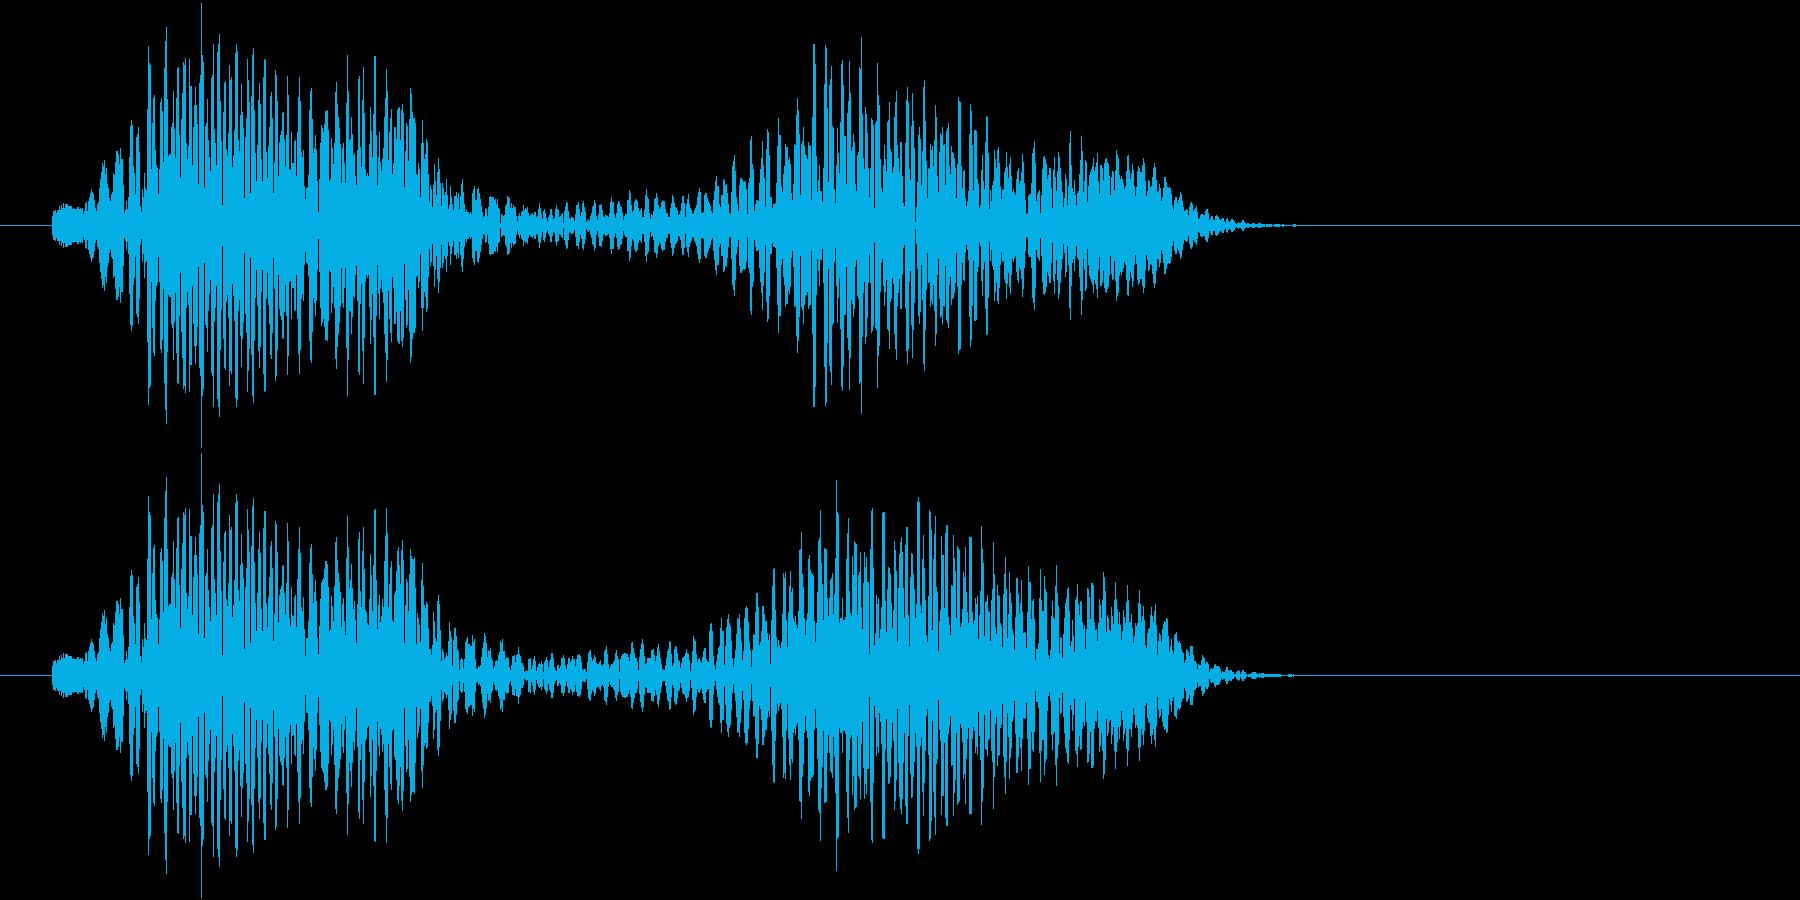 ポロン、ポーン(キャンセル、NG等)の再生済みの波形